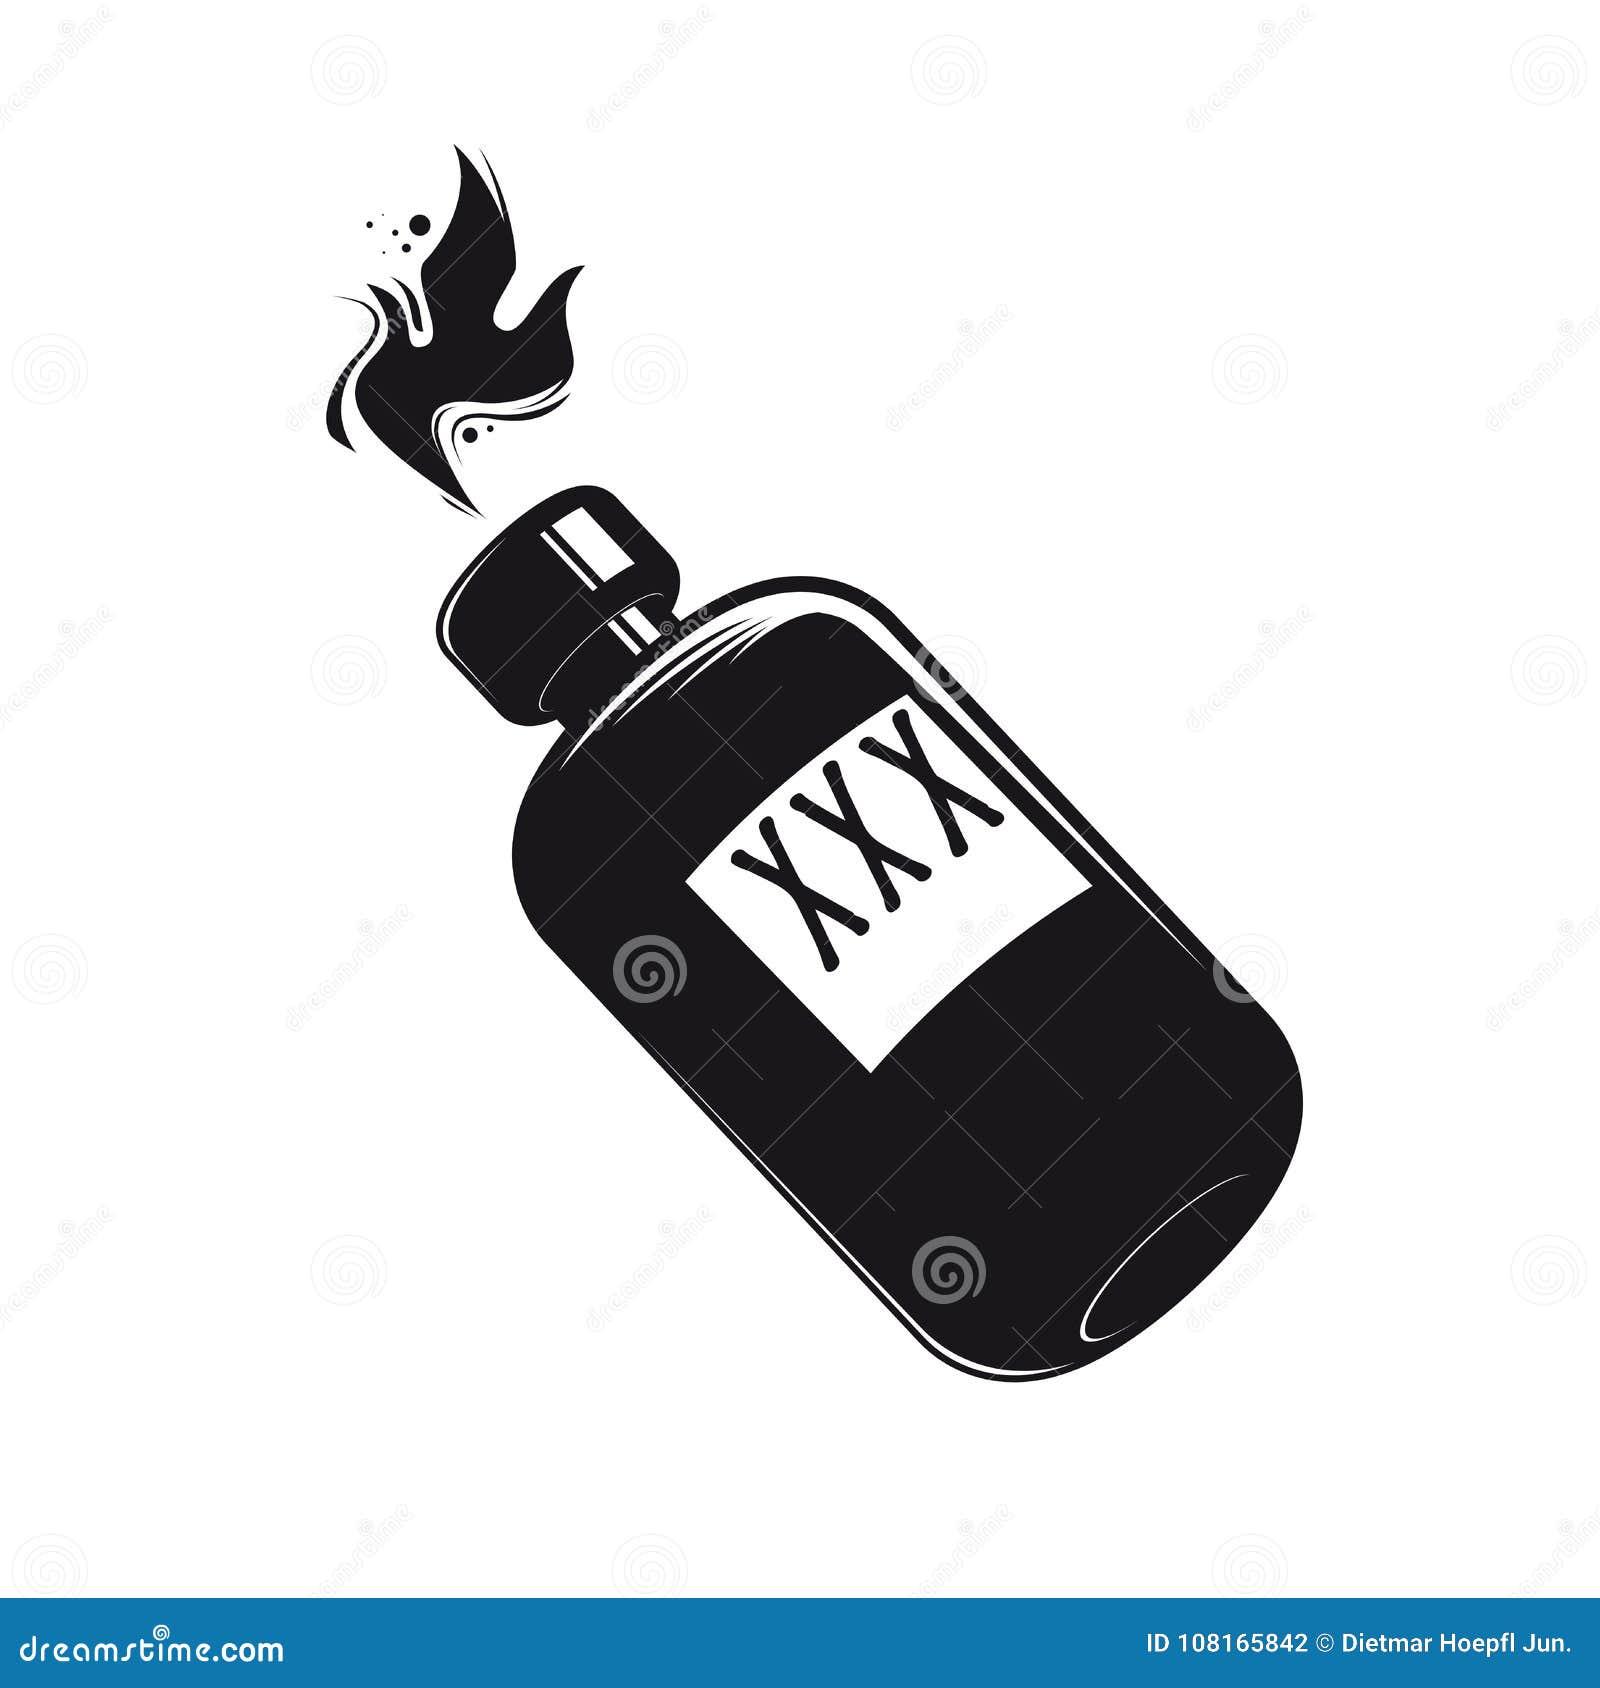 Bouteille Noire Avec Le Clipart De Boissons Alcoolisees Illustration De Vecteur Illustration Du Noire Clipart 108165842